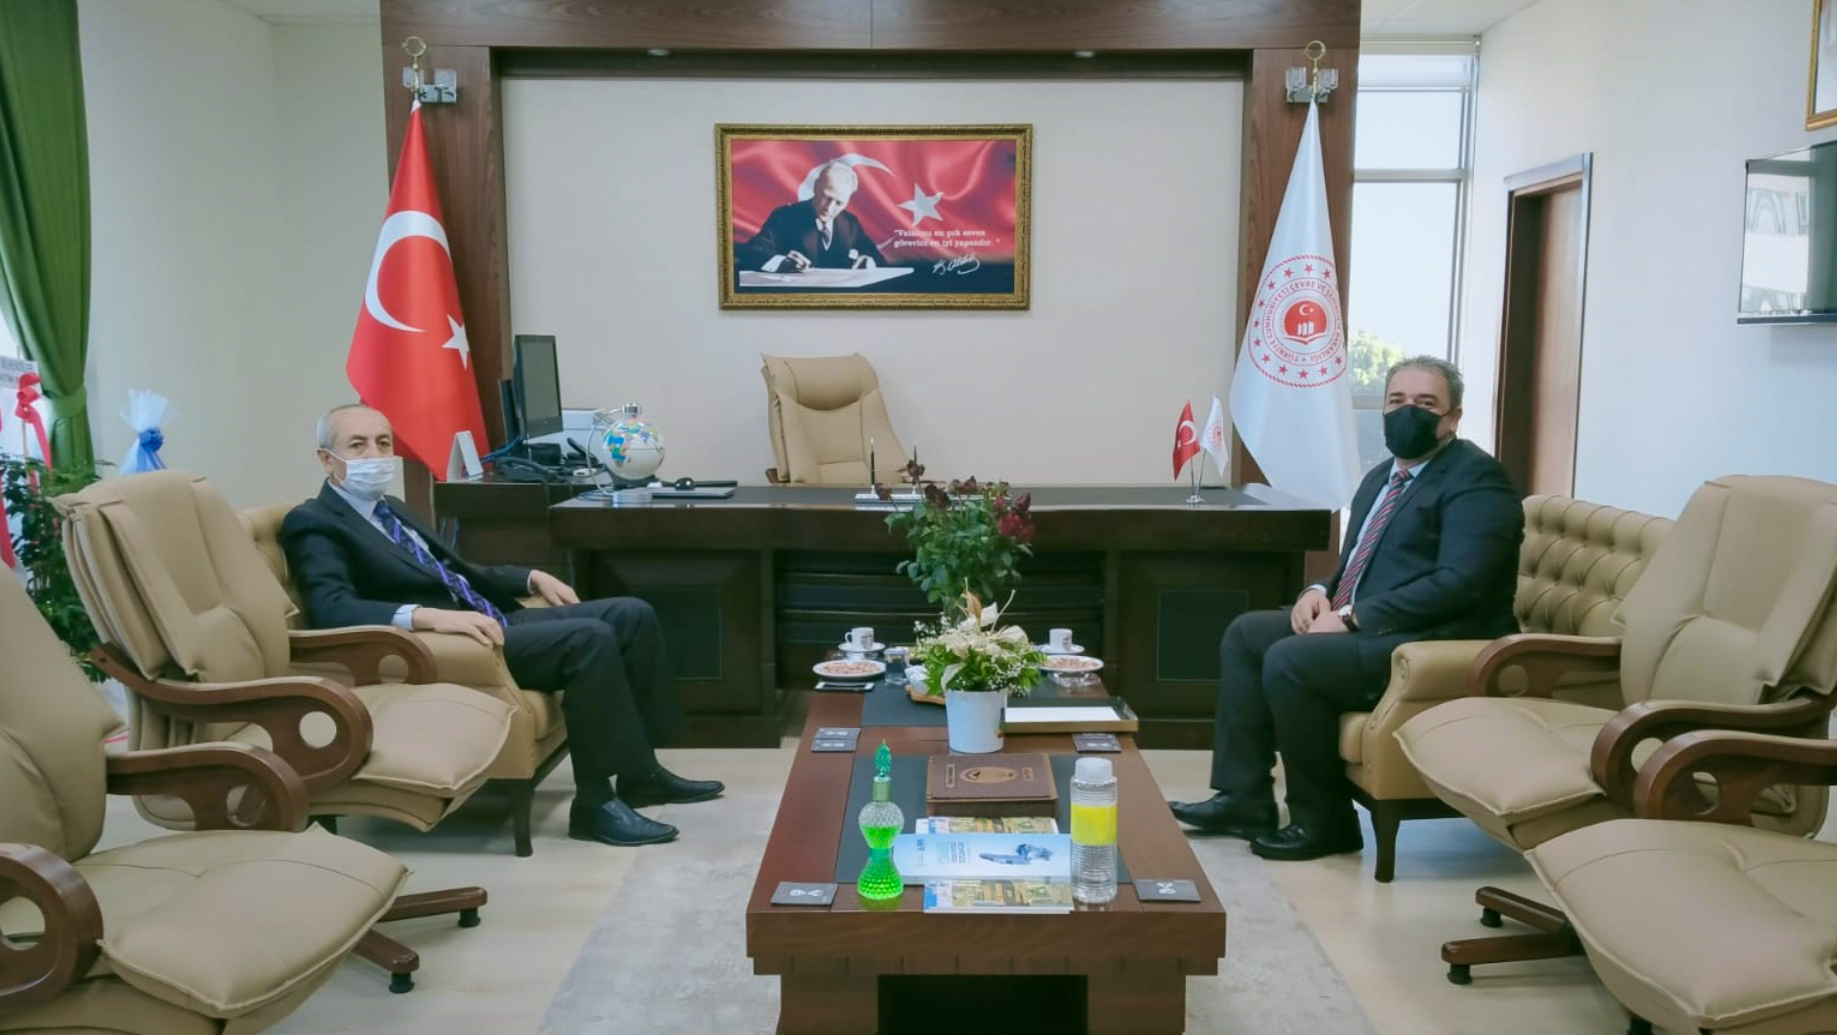 Osmaniye Vali Yardımcısı Adem YILMAZ Bey İl Müdürümüz İrfan Remzi YILMAZ'ı ziyaret etti.